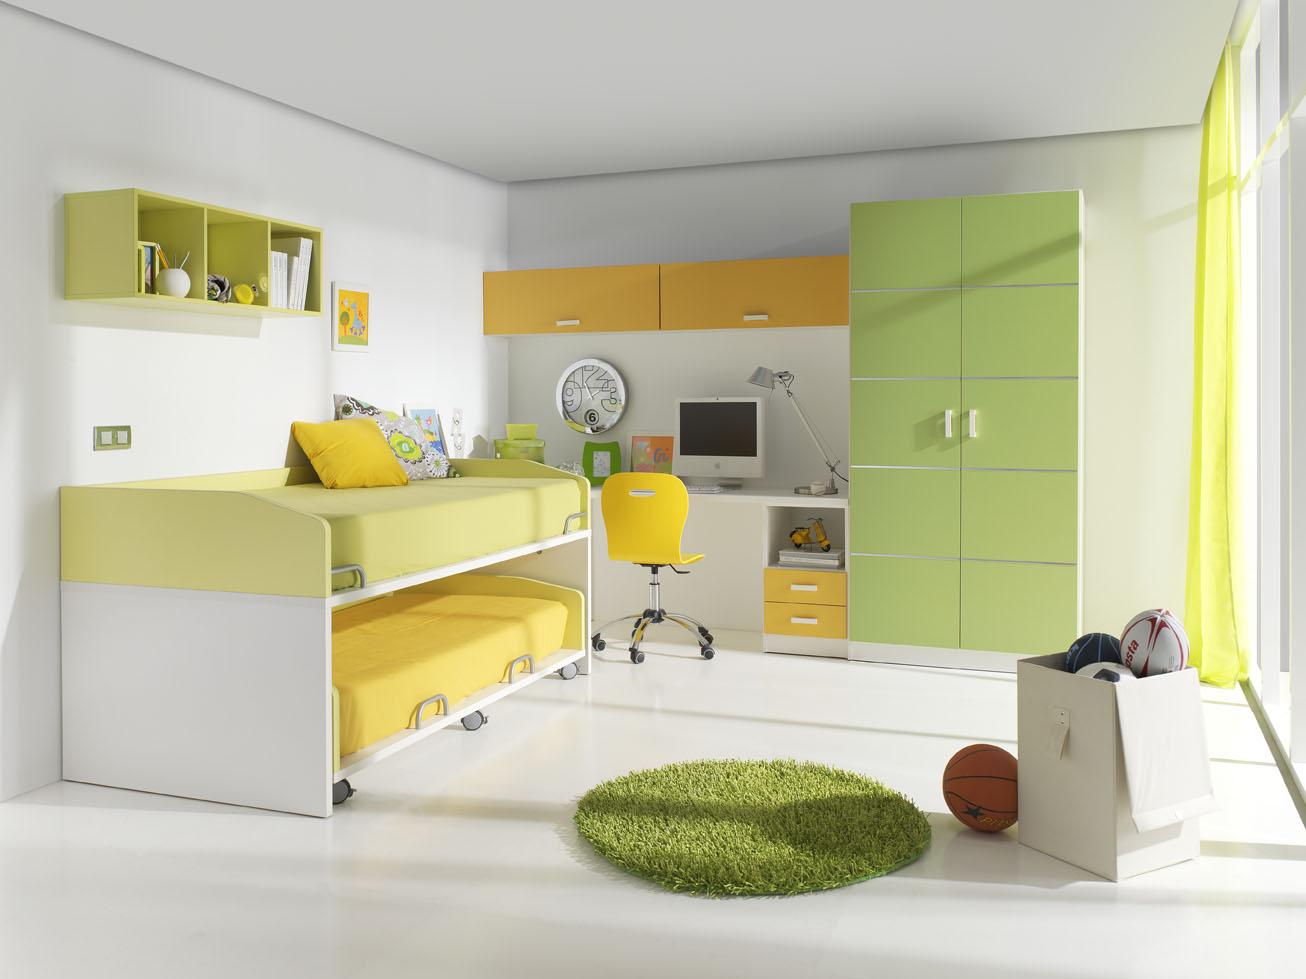 Dormitorios juveniles en color verde muebles orts blog - Muebles dormitorio juvenil ...